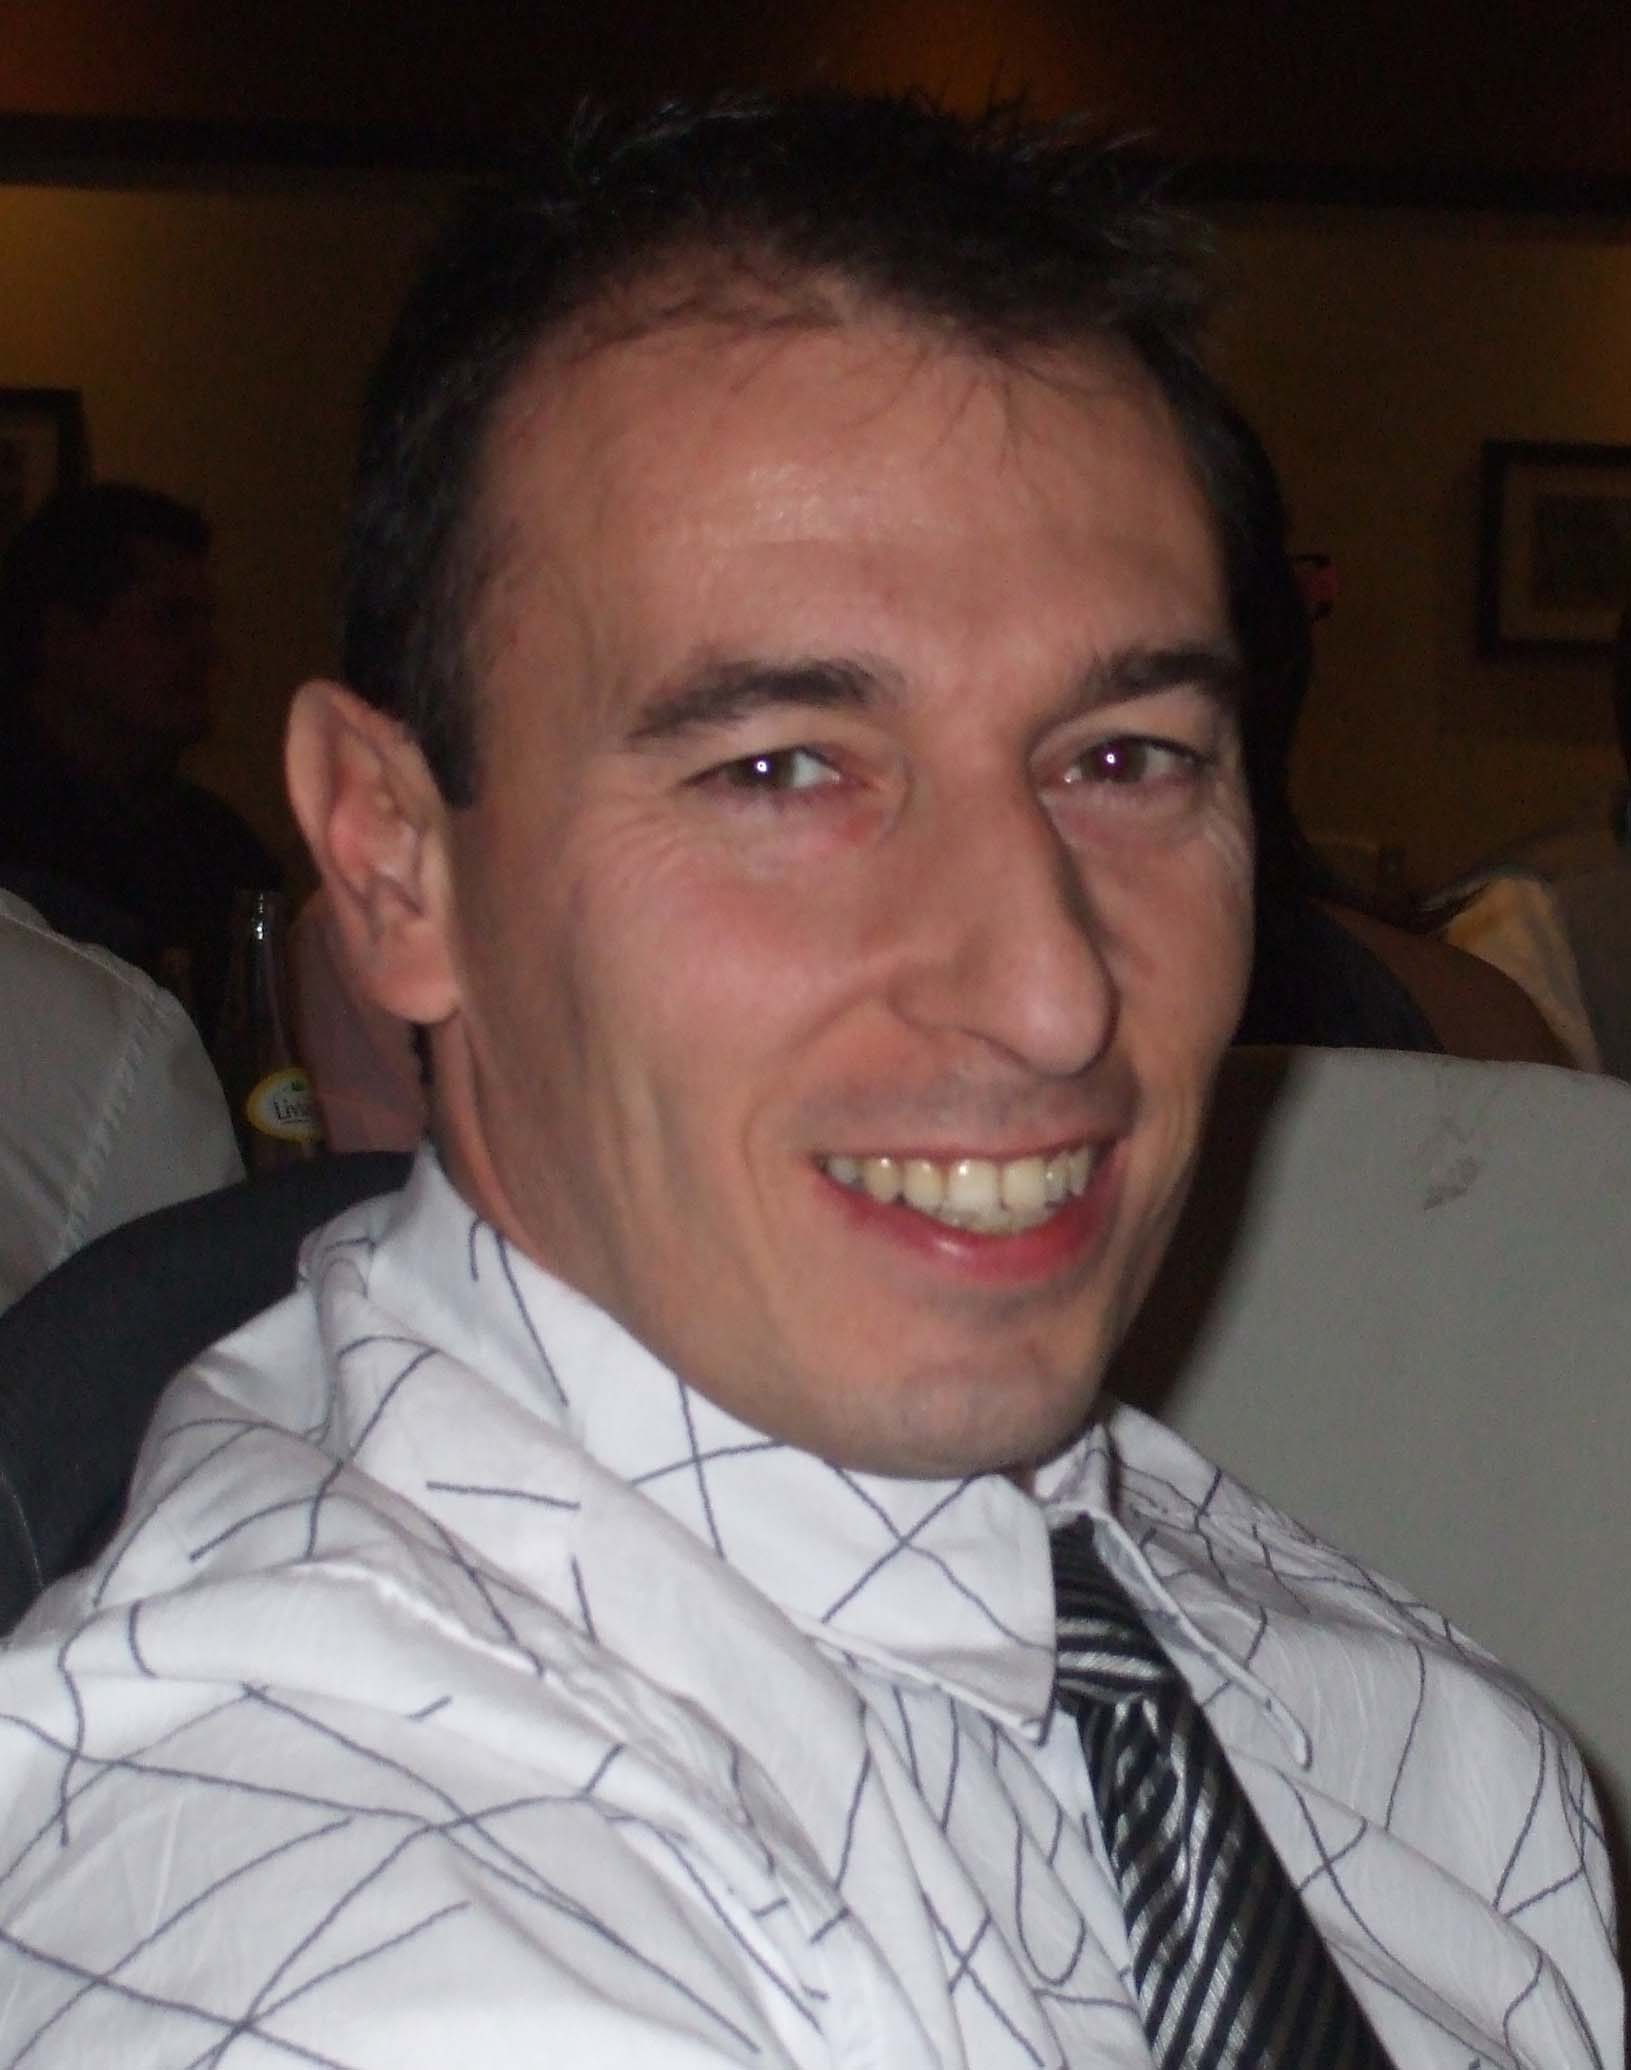 Jaime Lloret Mauri